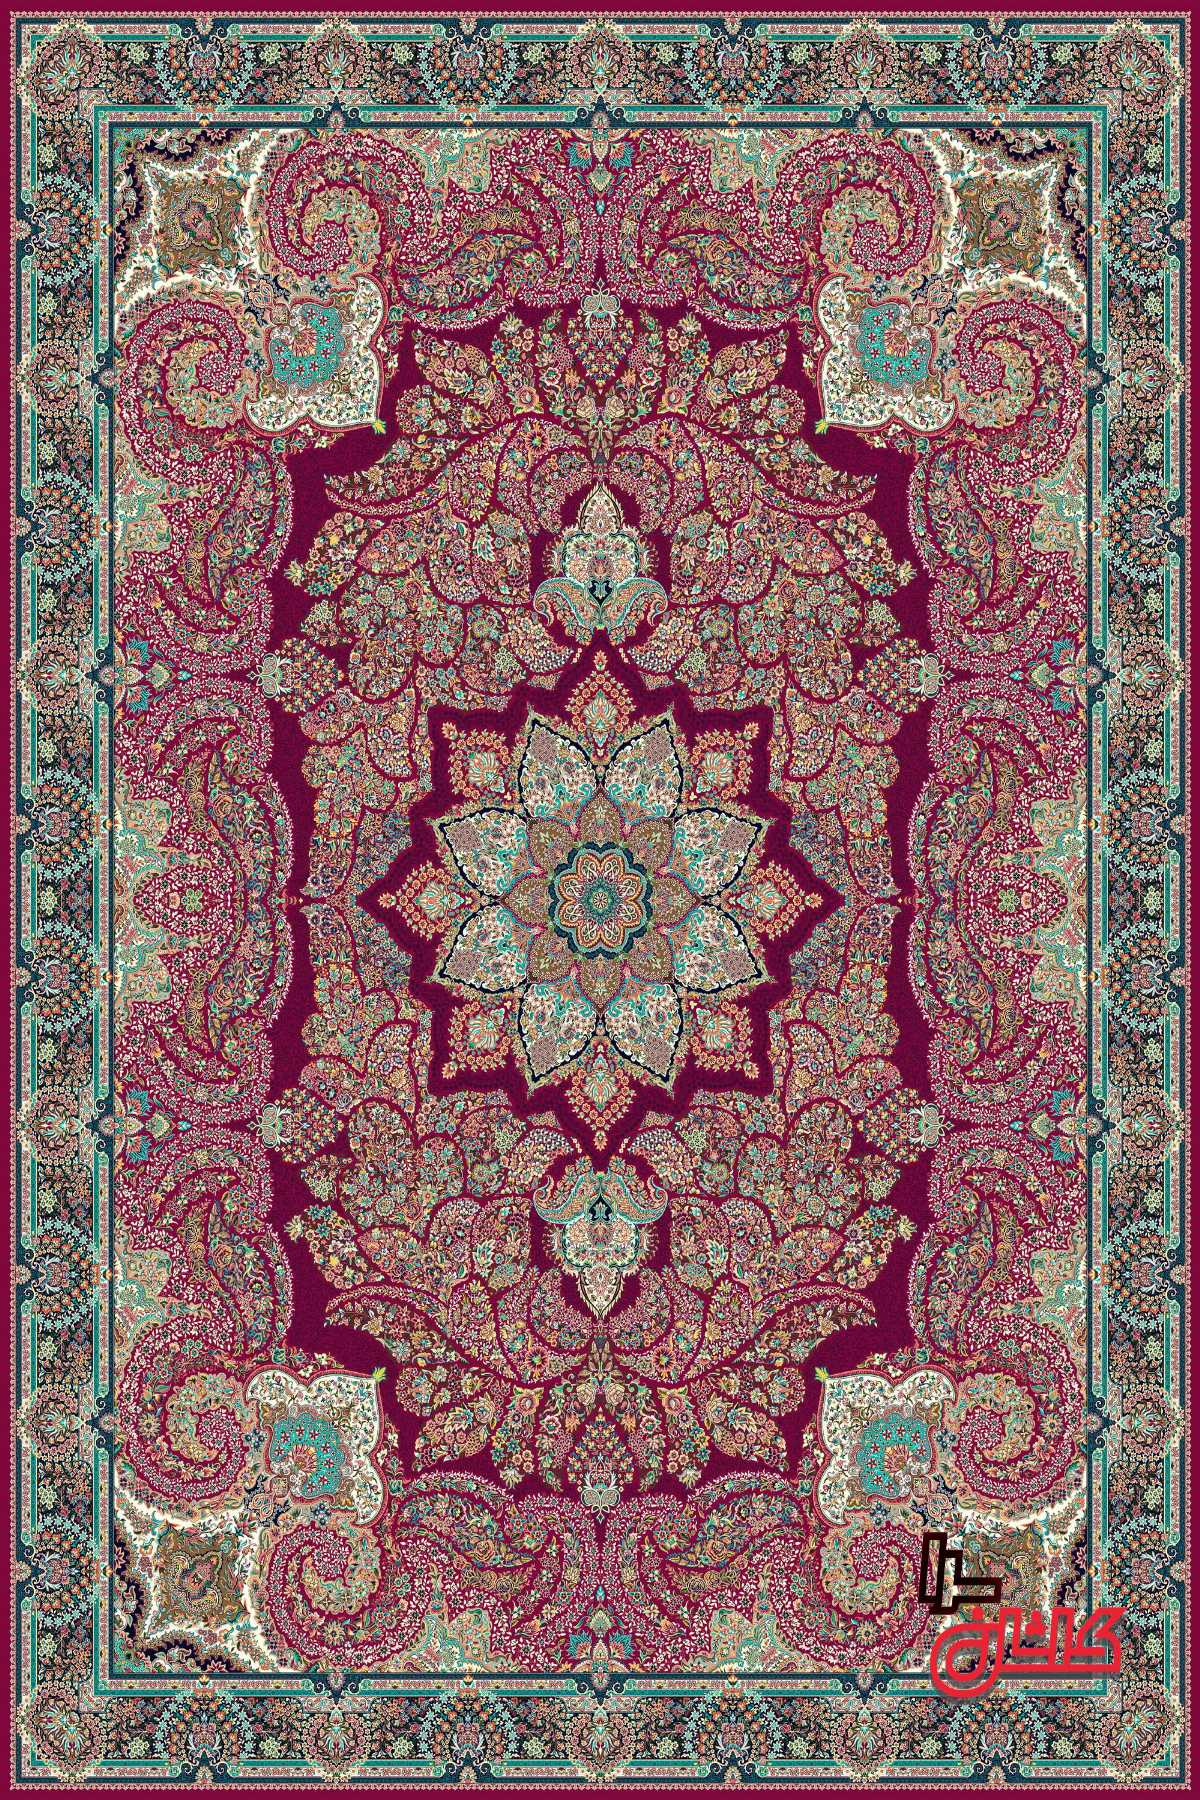 فرش های مدرن 1200 شانه هزارو دویست شانه اصل